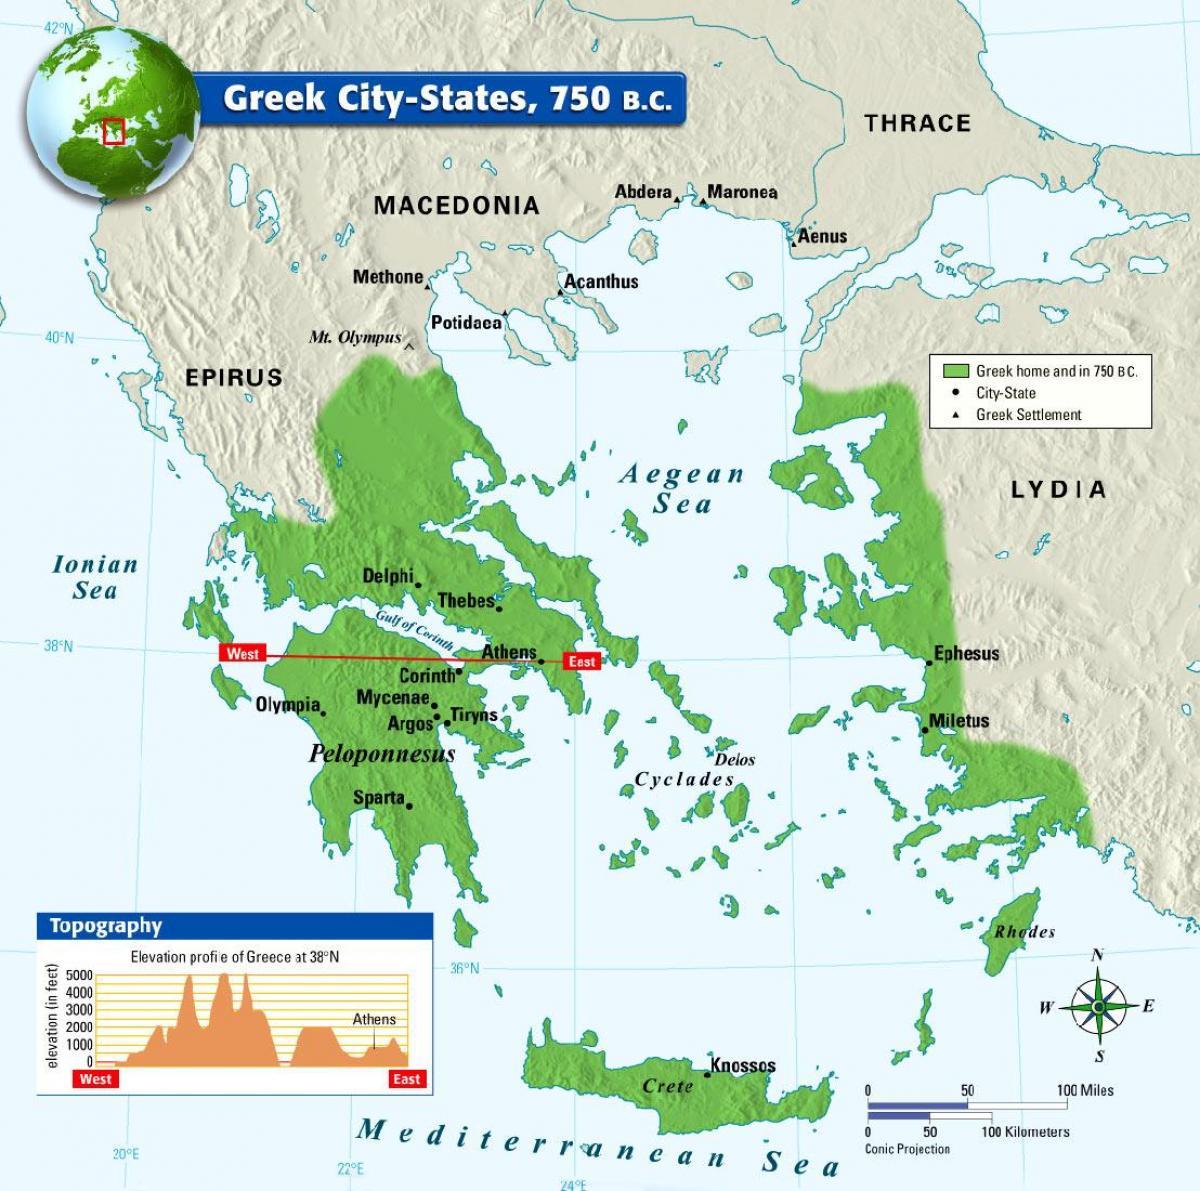 Cartina Della Grecia Antica In Italiano.Antica Citta Greca Di Stati Sulla Mappa Mappa Della Grecia Antica Citta Stato Europa Del Sud Europa